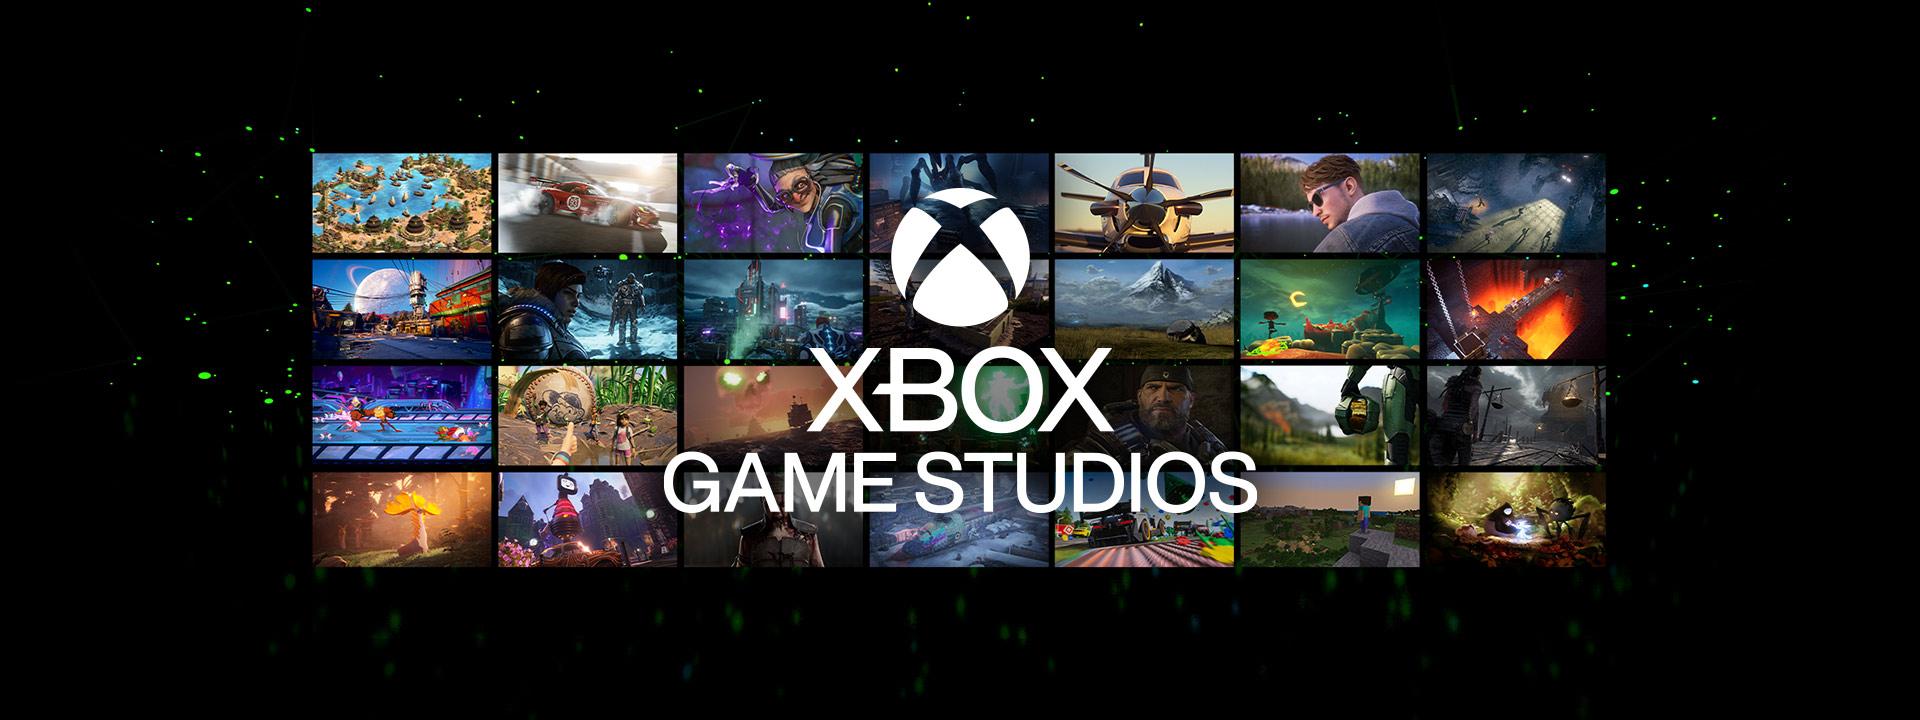 Logotipo de Xbox Games Studios sobre una matriz de capturas de pantalla de juegos